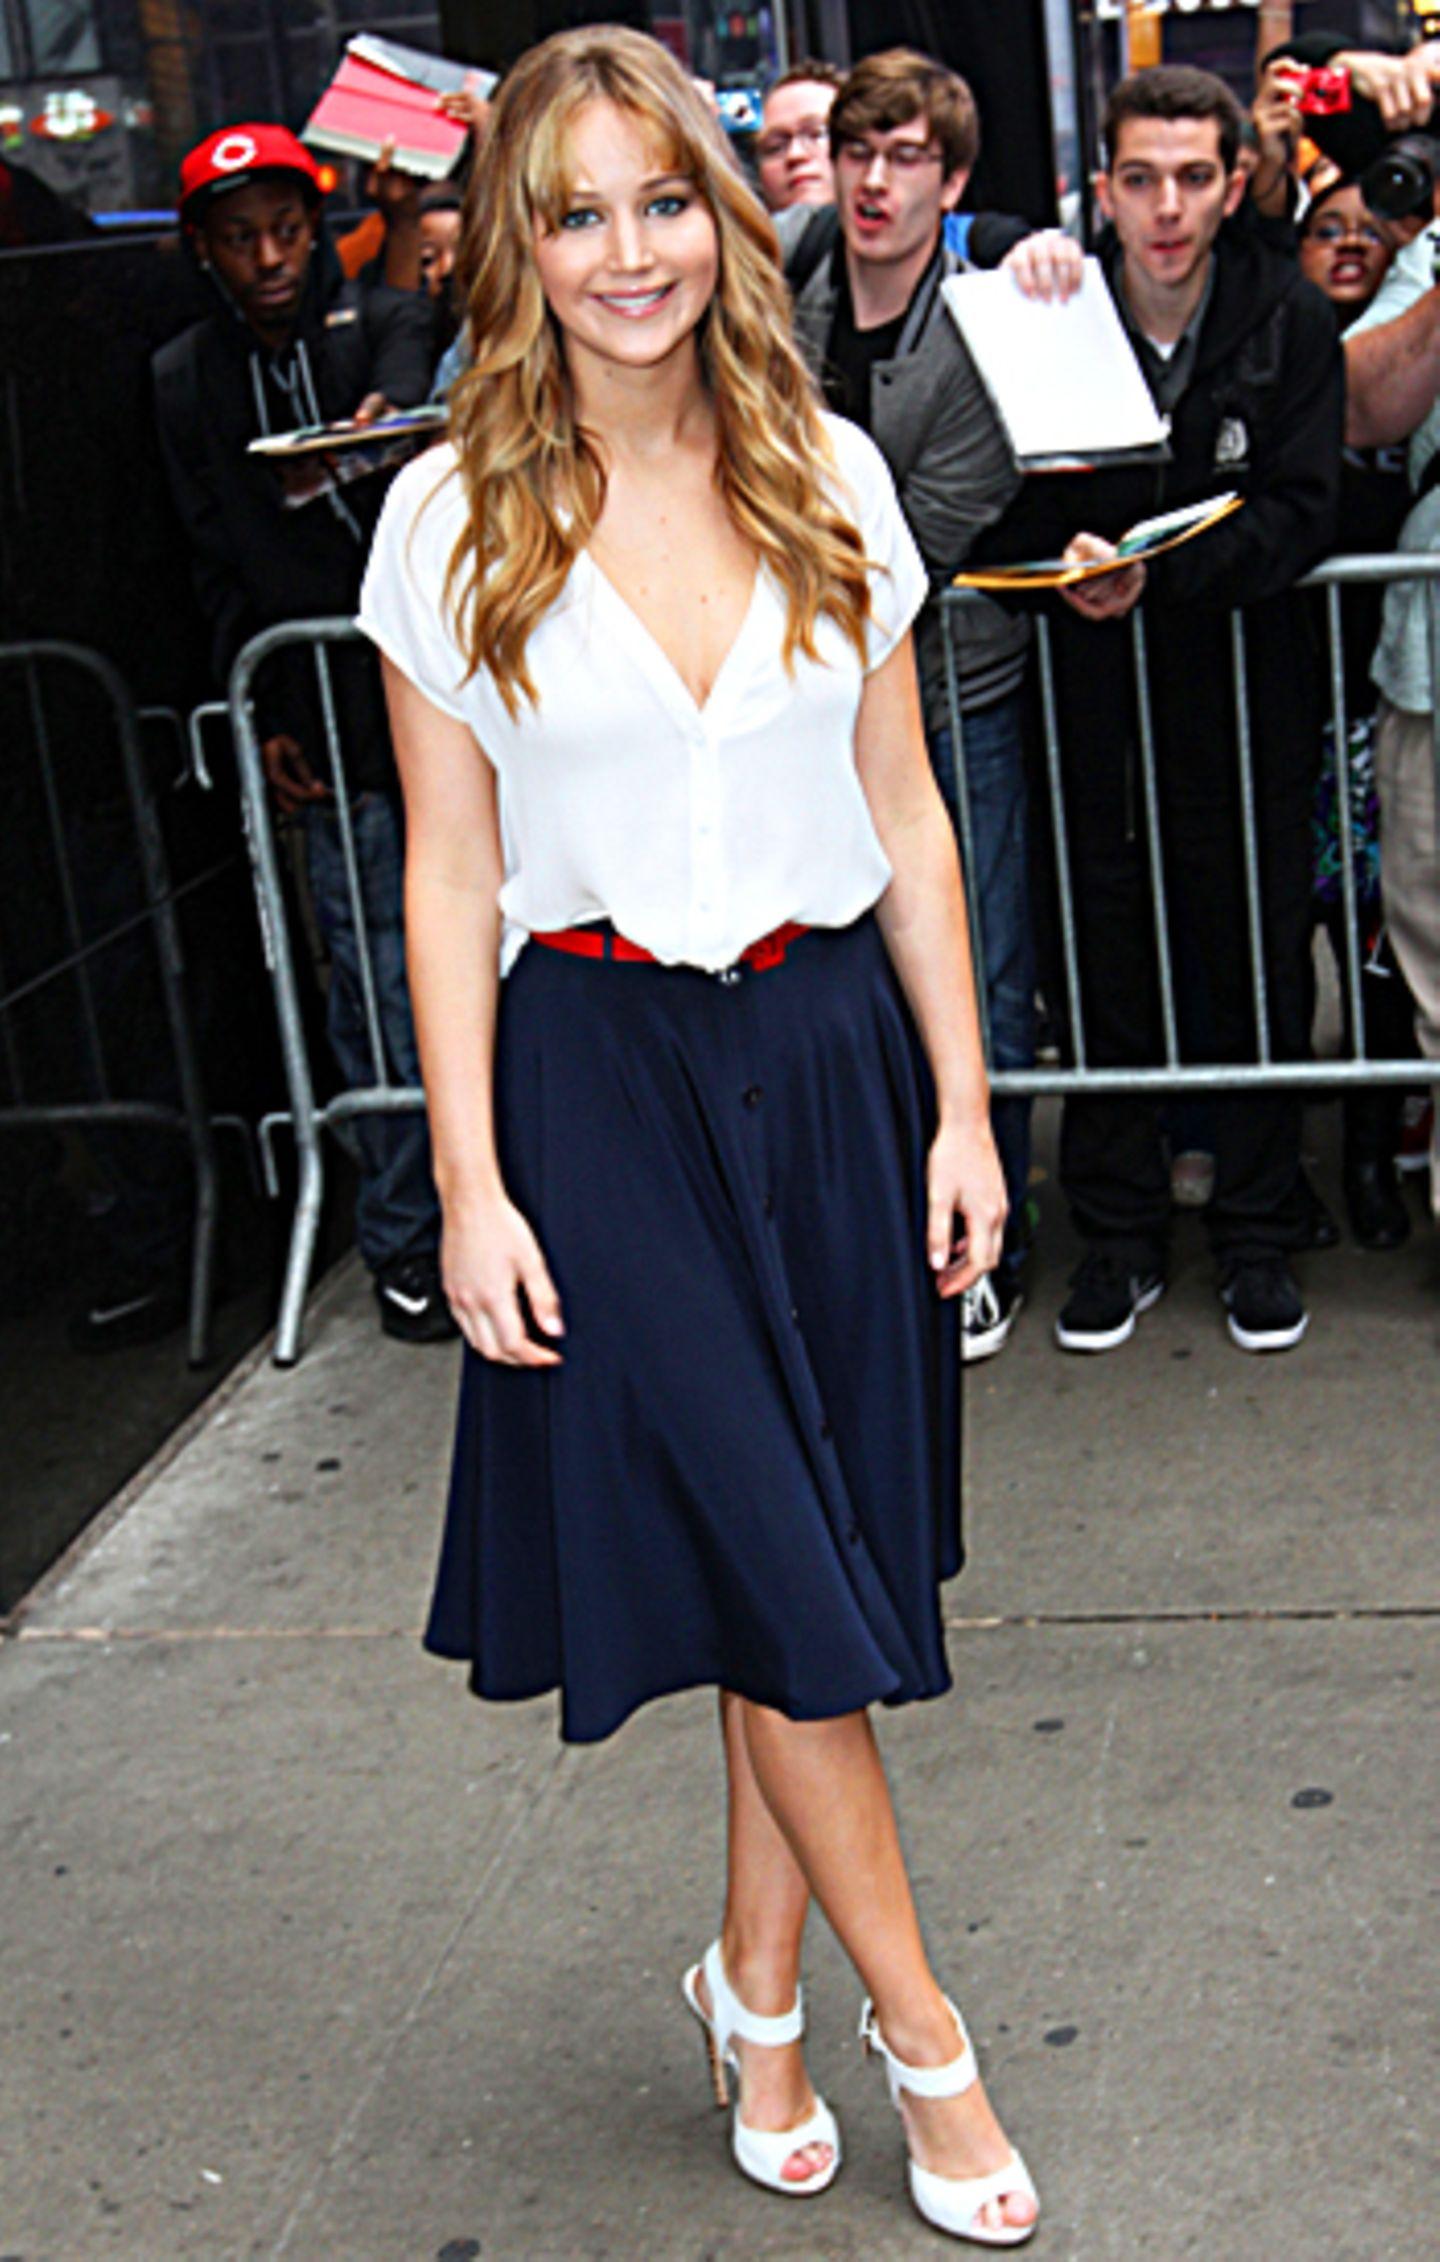 Jennifer Lawrence in einem Rock von Holmes & Yang. Dazu trägt sie weiße Sandalen von Giuseppe Zanotti.